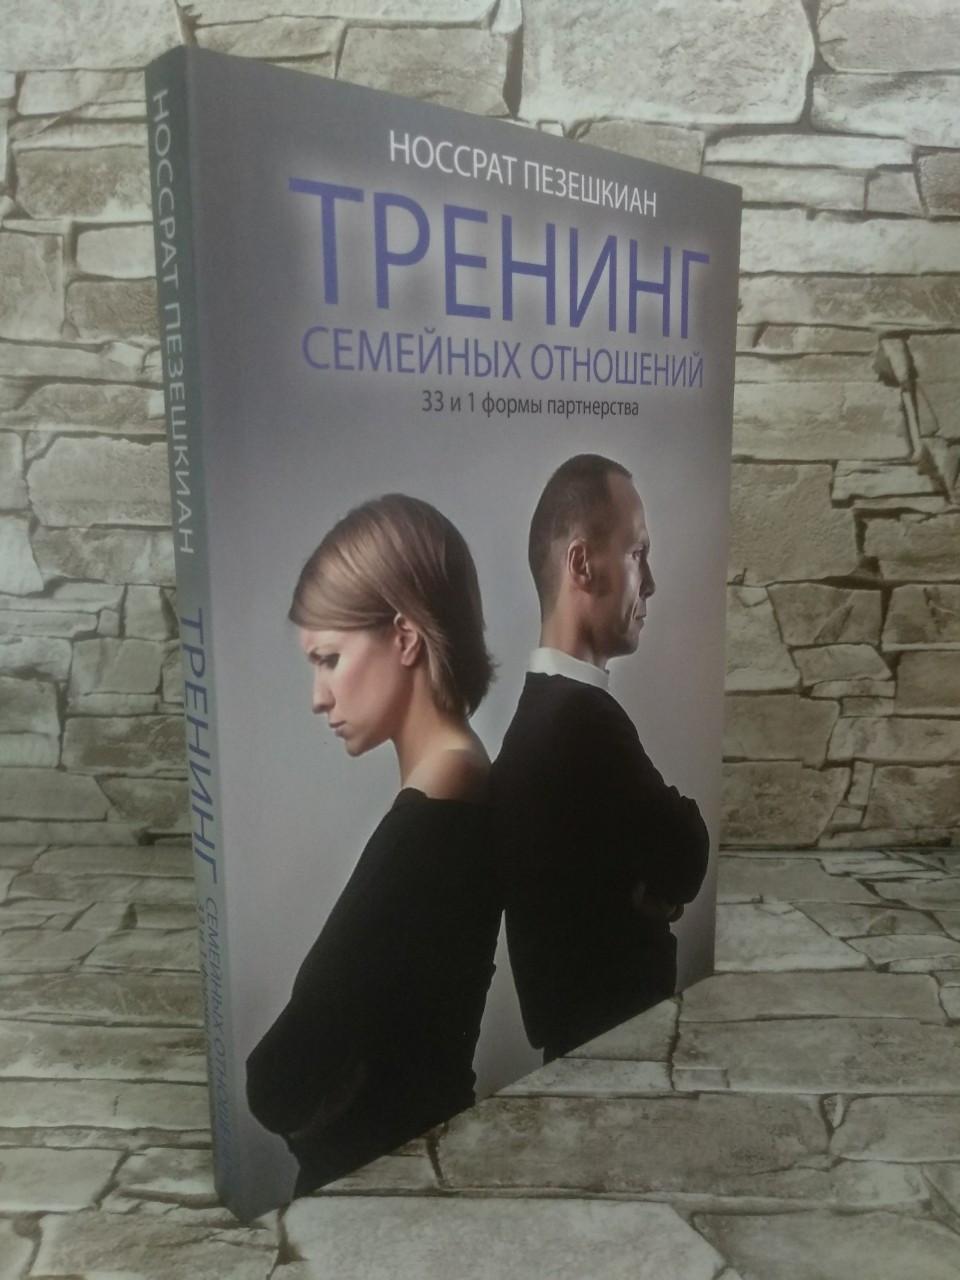 """Книга """"Тренинг семейных отношений"""" Носсрат Пезешкиан"""